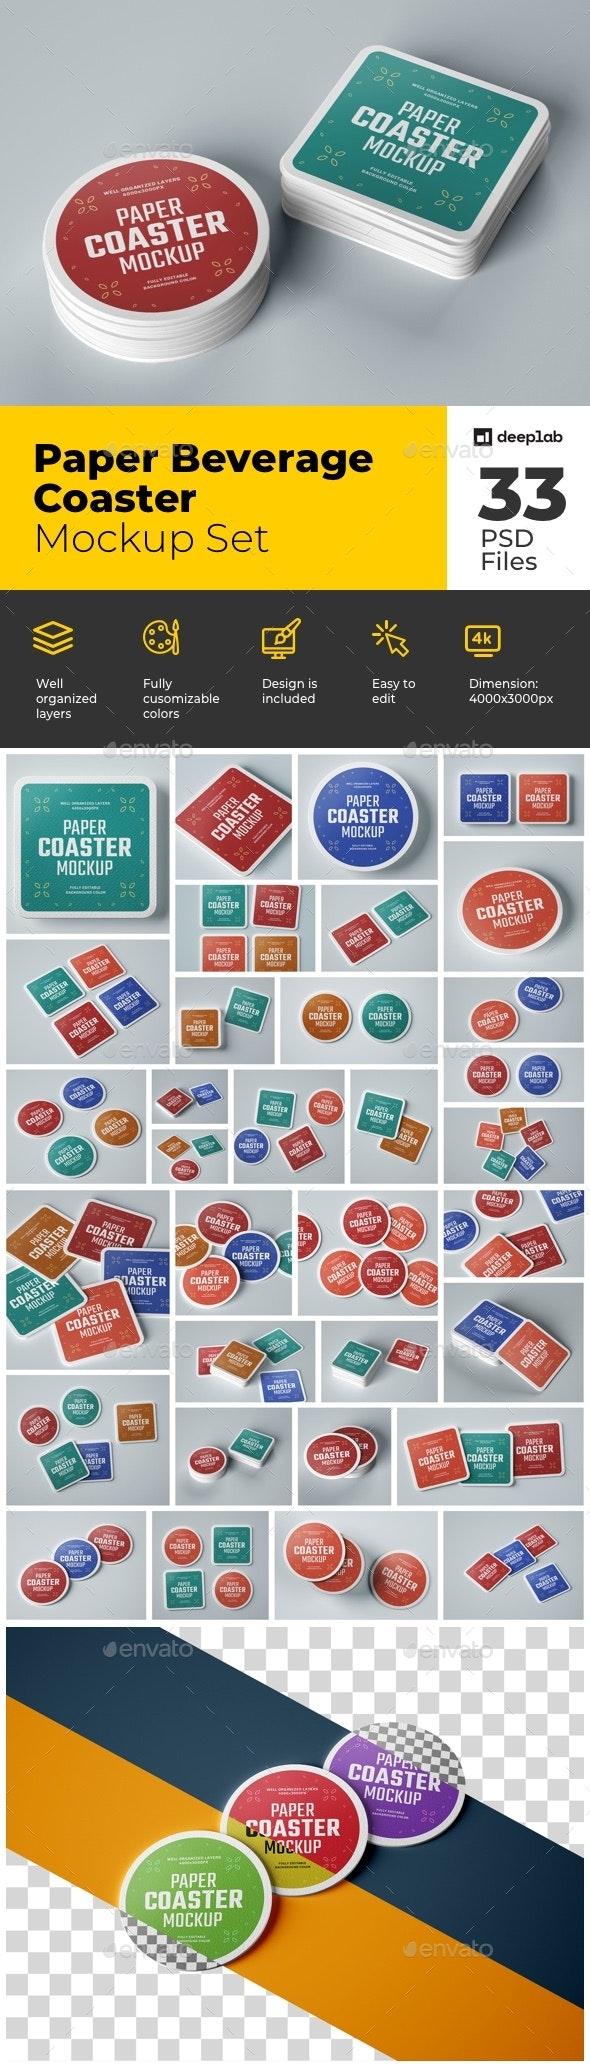 Paper Beverage Coaster Mockup Set - Product Mock-Ups Graphics